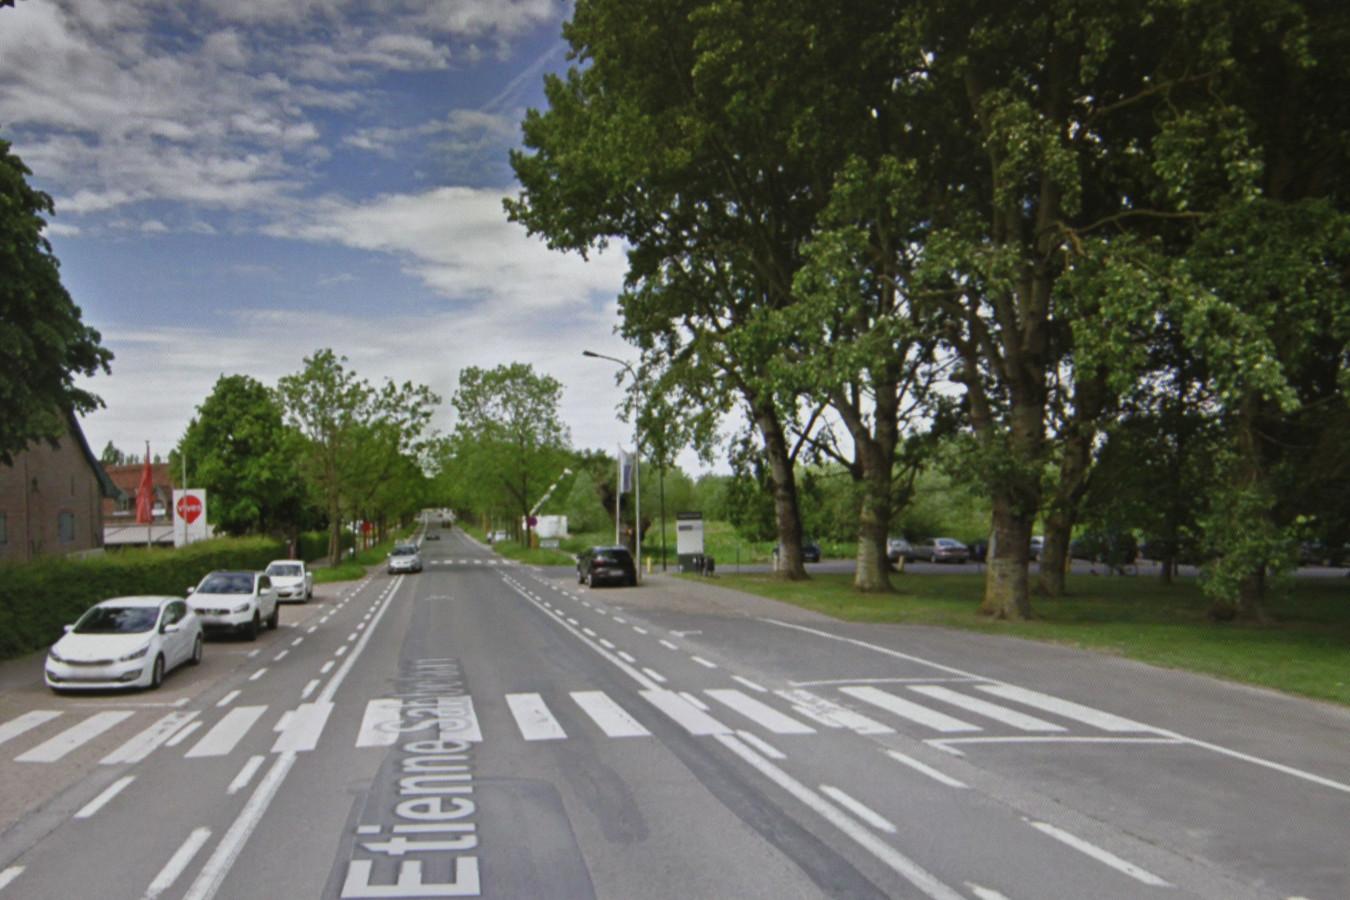 Aan de scholen Kulak en Vives in Kortrijk loopt de weg naar beneden, een geliefkoosde flitsplaats voor de politie.